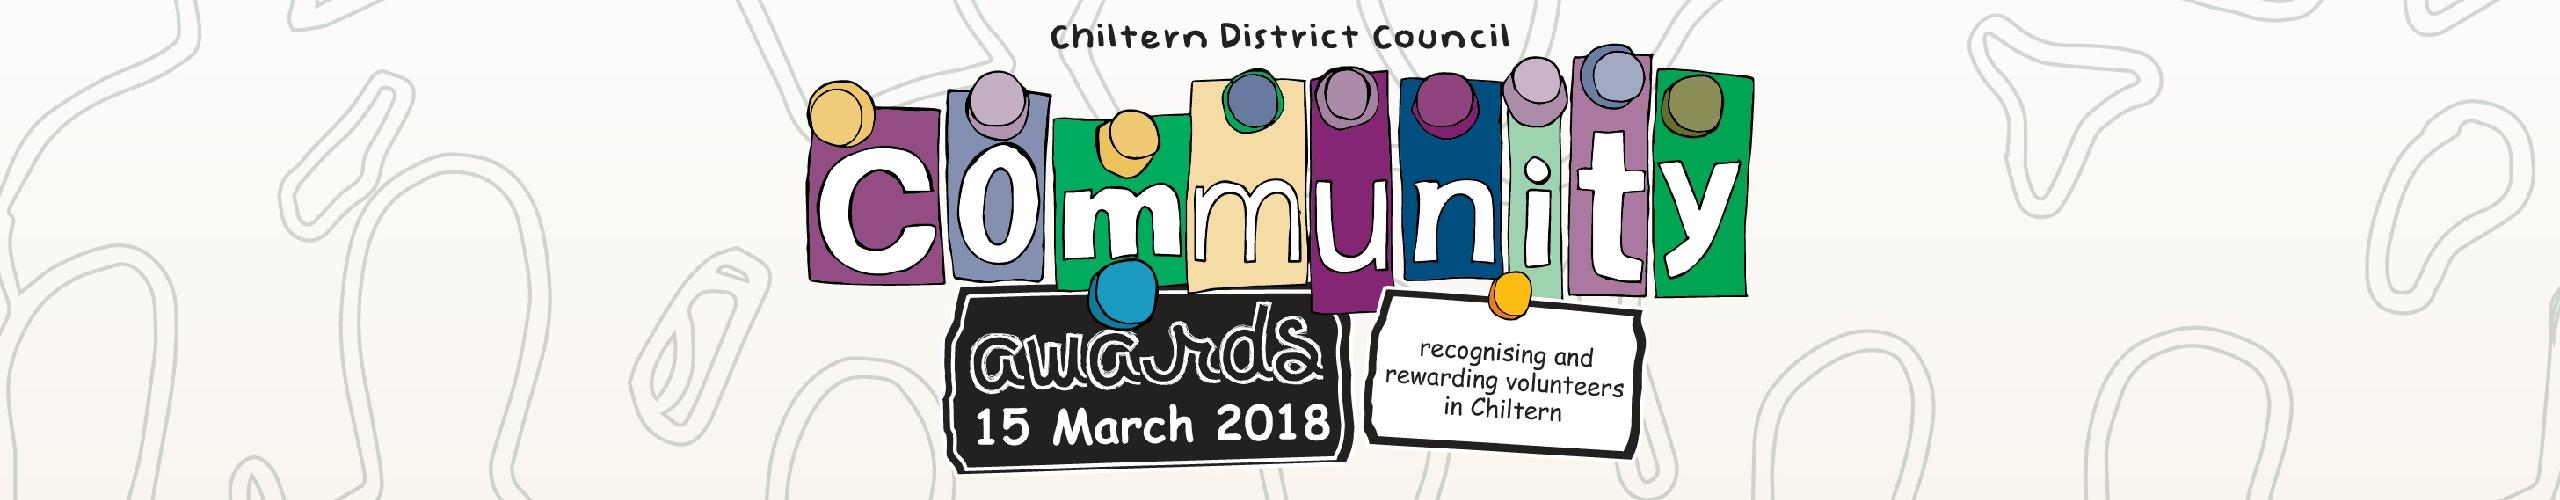 Community Awards 2018